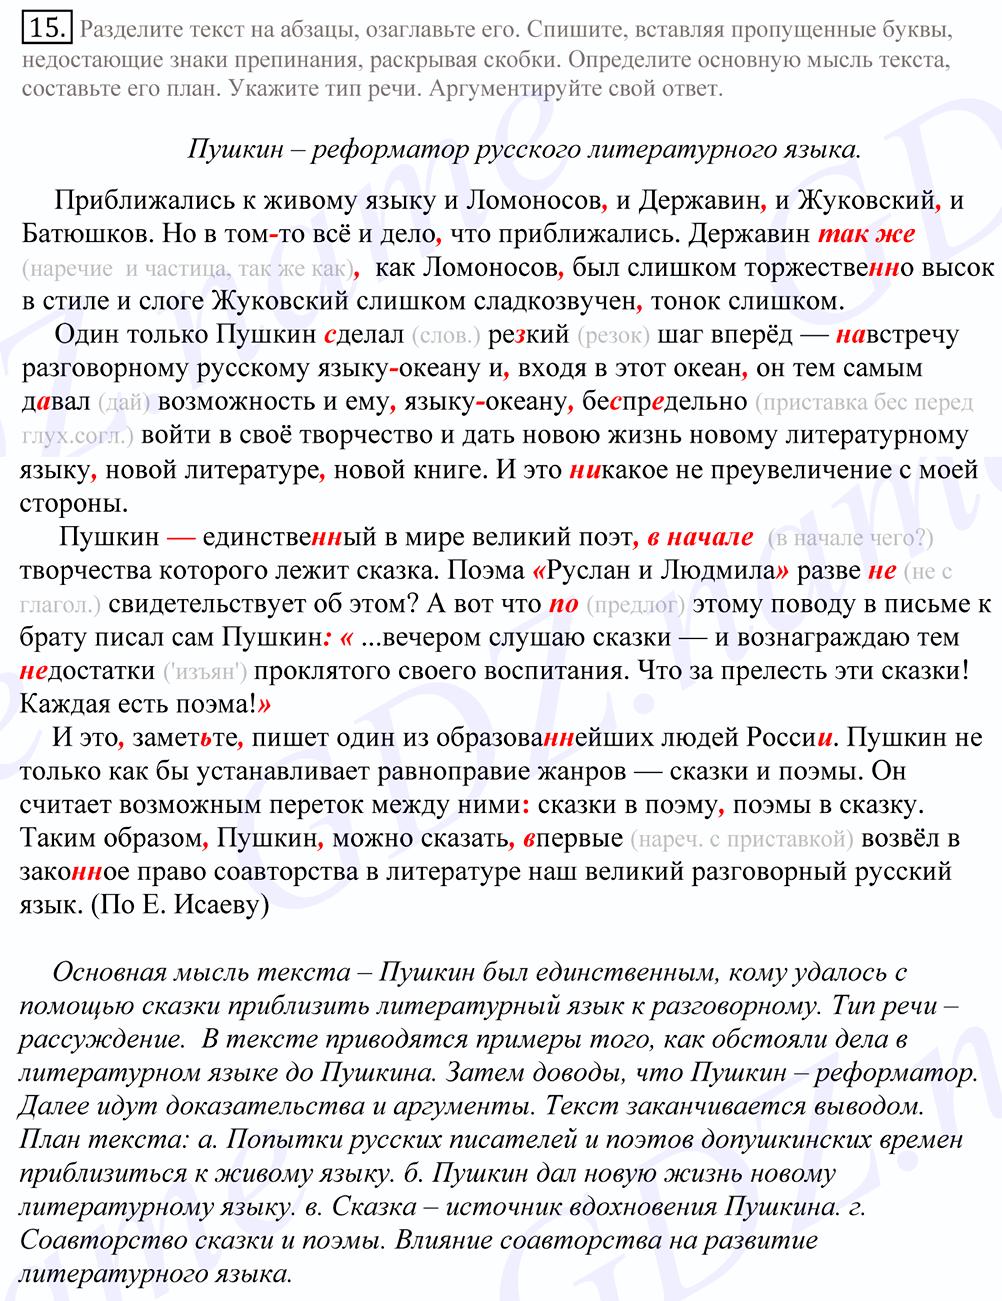 Гдз домашние задания для 5 11 классов spishy ru